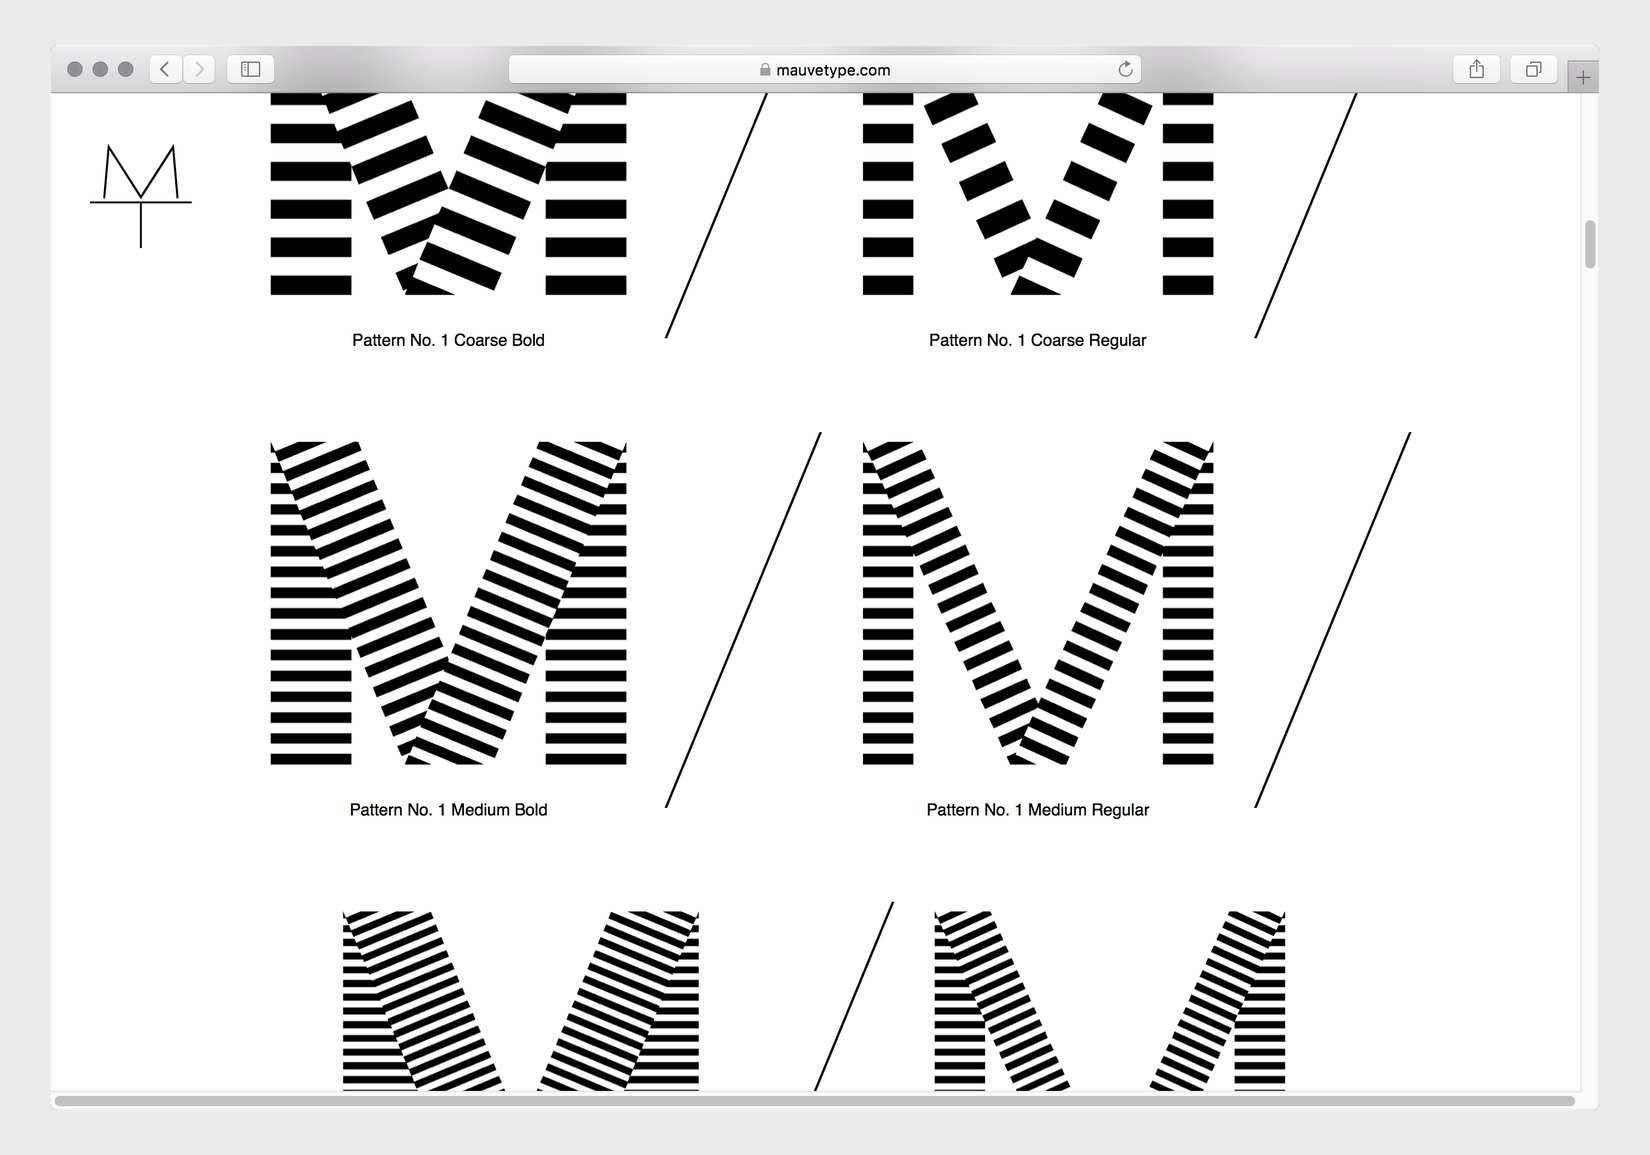 mauve-type-website-6-1650x1155px